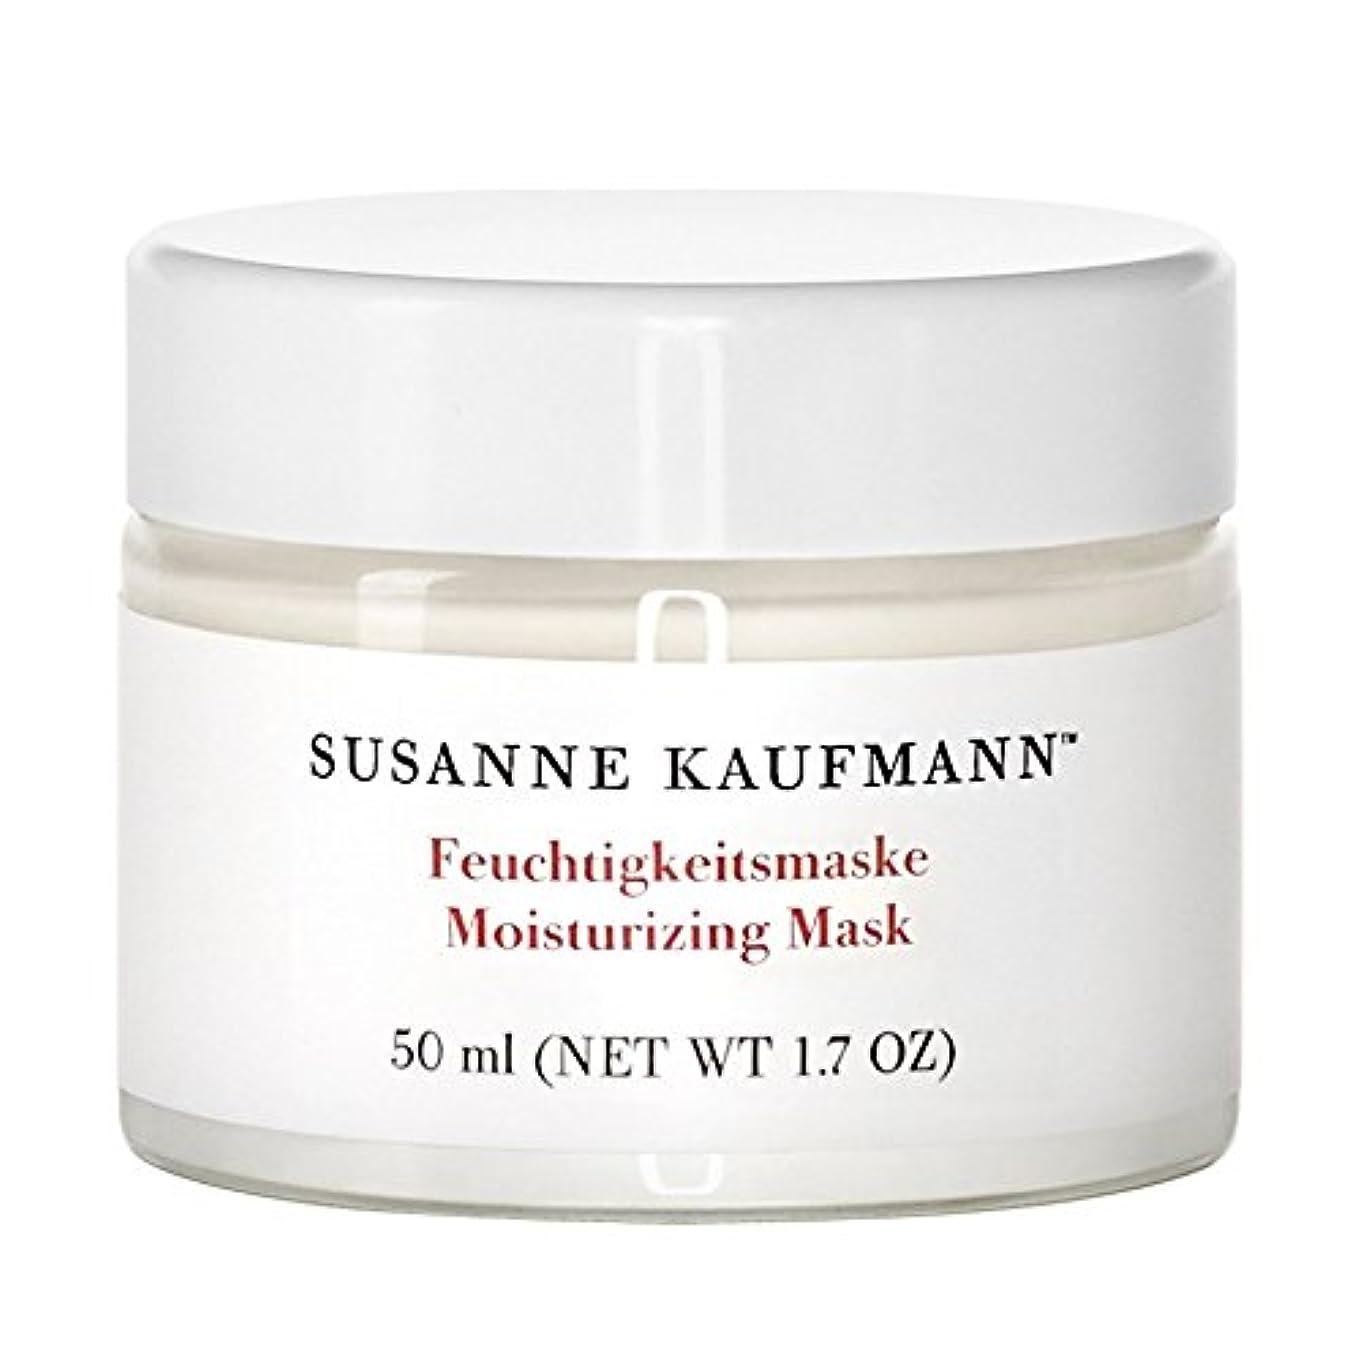 混乱した急いで苦痛スザンヌカウフマン保湿マスク50ミリリットル x4 - Susanne Kaufmann Moisturising Mask 50ml (Pack of 4) [並行輸入品]